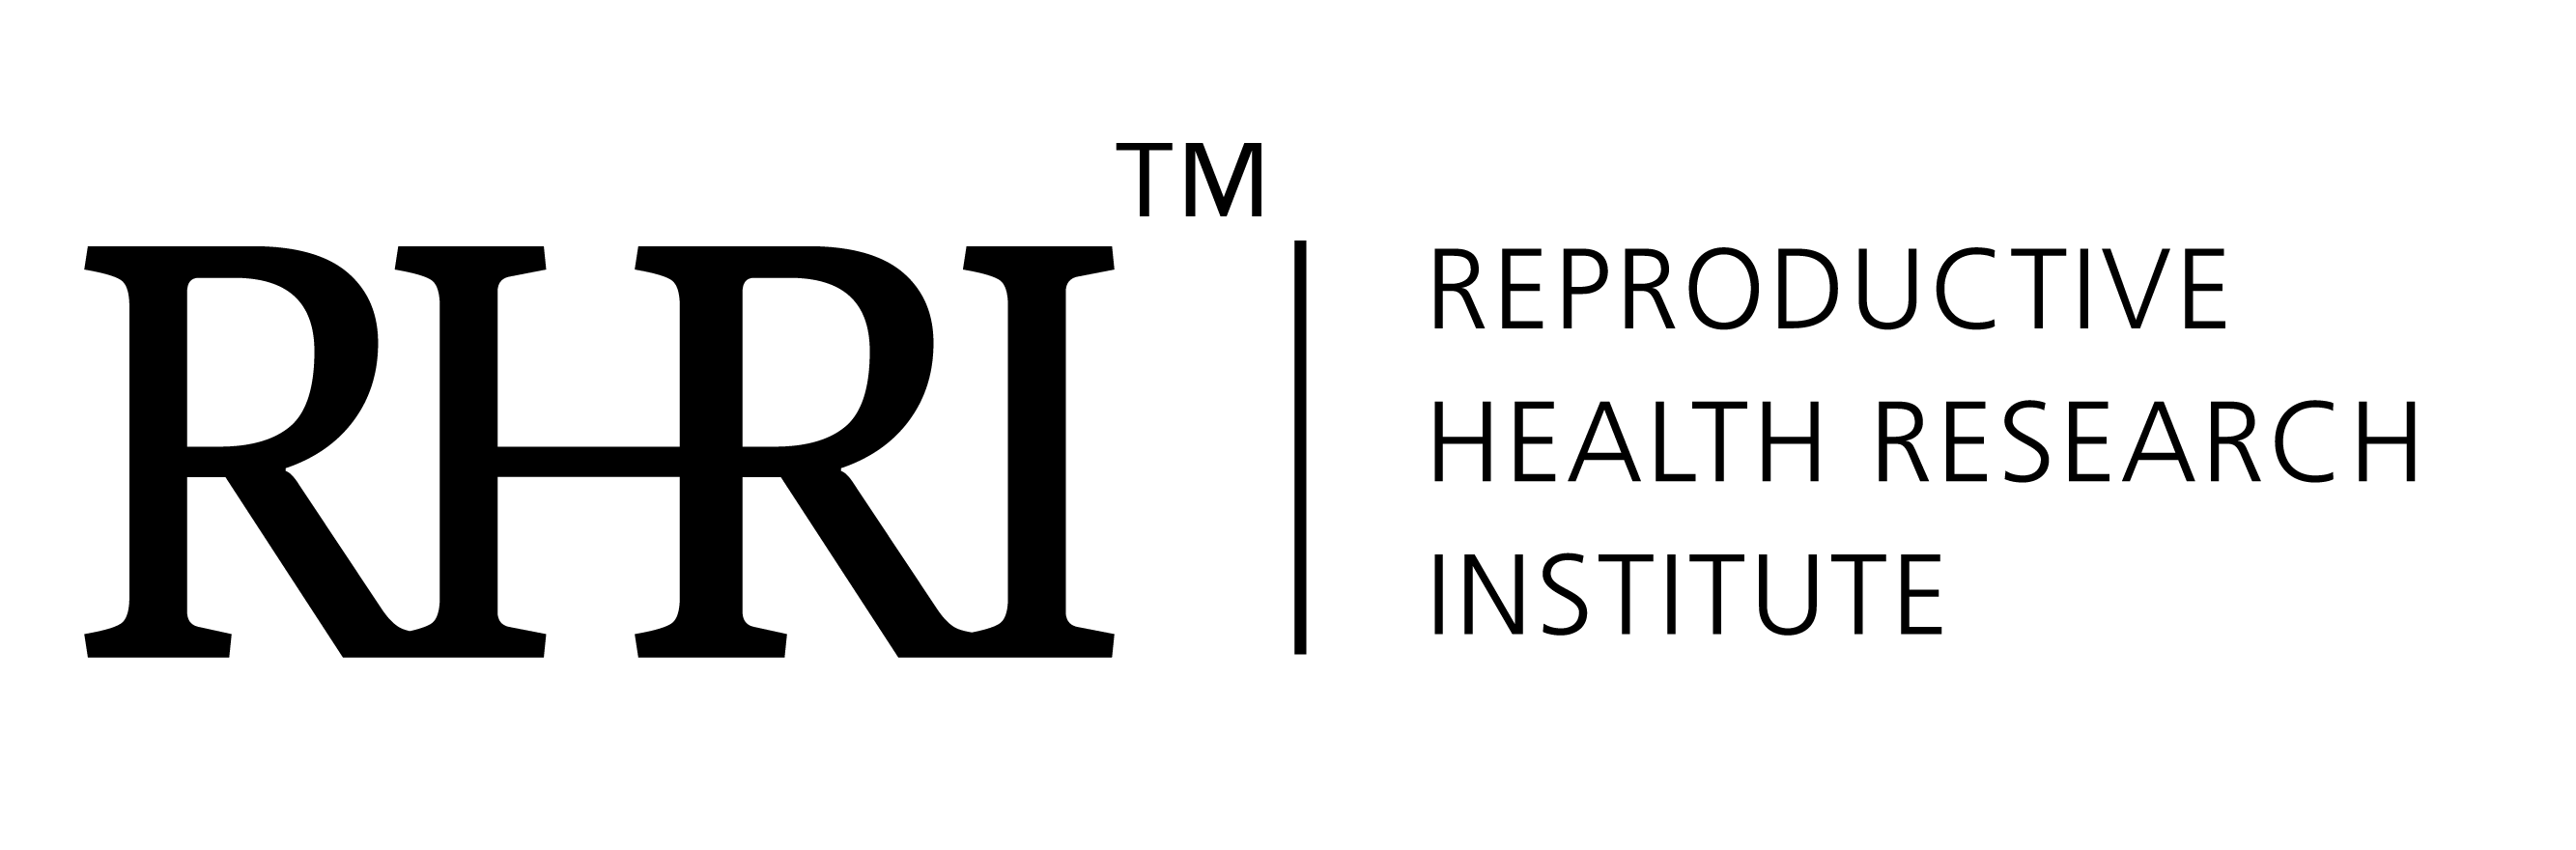 Empresas Desafio10x: ASOCIACION INSTITUTO DE INVESTIGACION EN MEDICINA REPRODUCTIVA